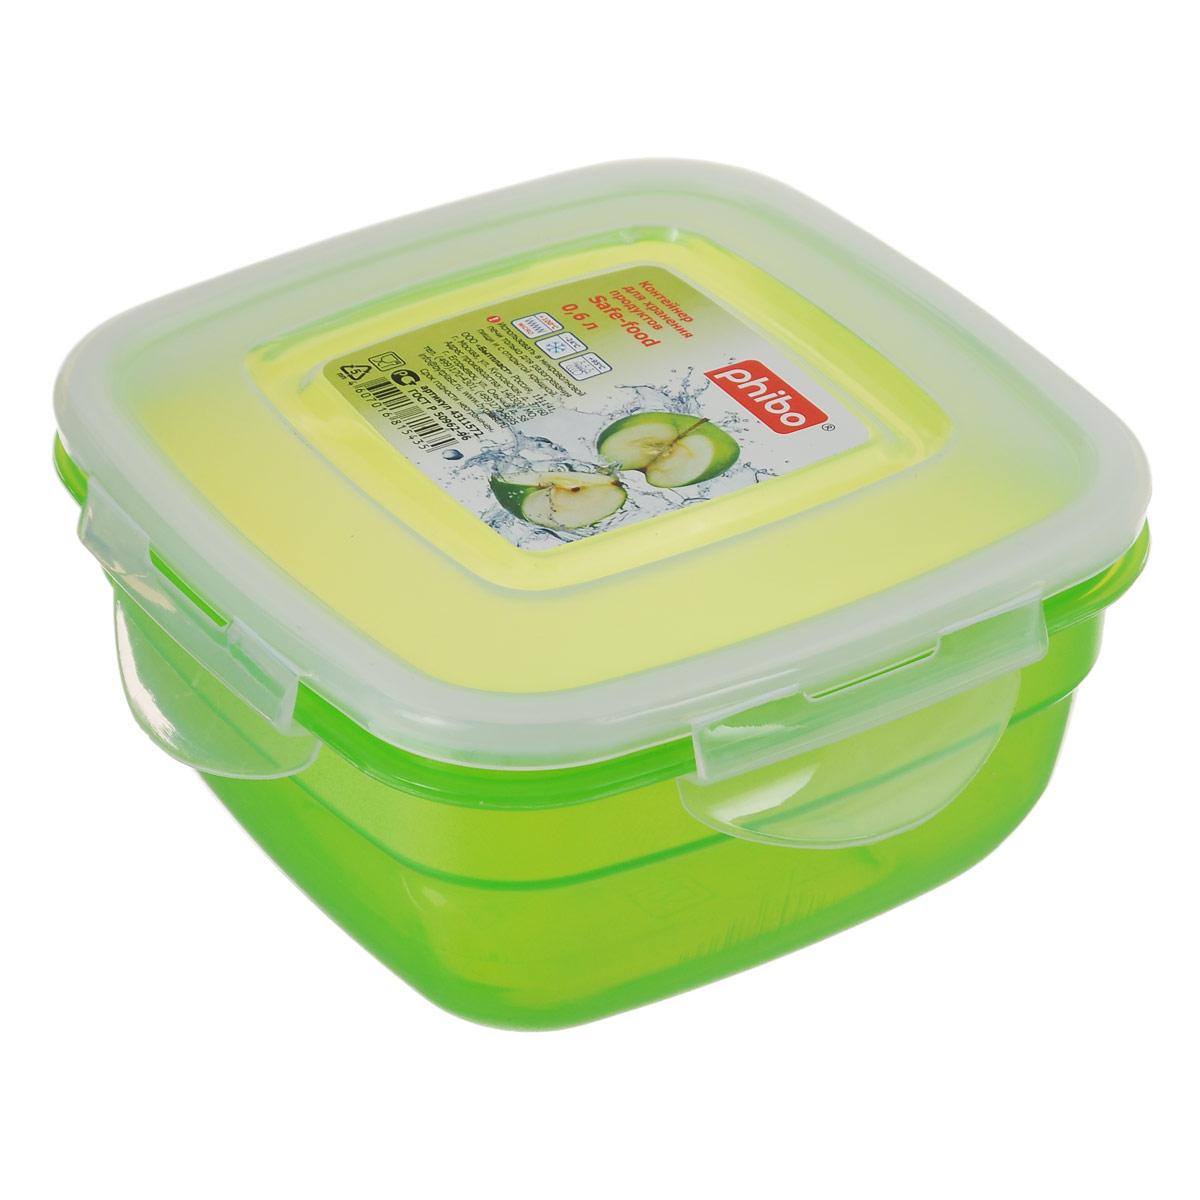 Контейнер Phibo Safe-Food, цвет: прозрачный, зеленый, 0,6 лС11572Контейнер Phibo Safe-Food изготовлен из высококачественного полипропилена и не содержит Бисфенол А. Крышка контейнера прозрачная, плотно закрывается на 4 защелки. Контейнер устойчив к воздействию масел и жиров, легко моется. Подходит для использования в микроволновых печах при температуре до +100°С, выдерживает хранение в морозильной камере при температуре -24°С, его можно мыть в посудомоечной машине при температуре до +95°С. Объем контейнера: 0,6 л.